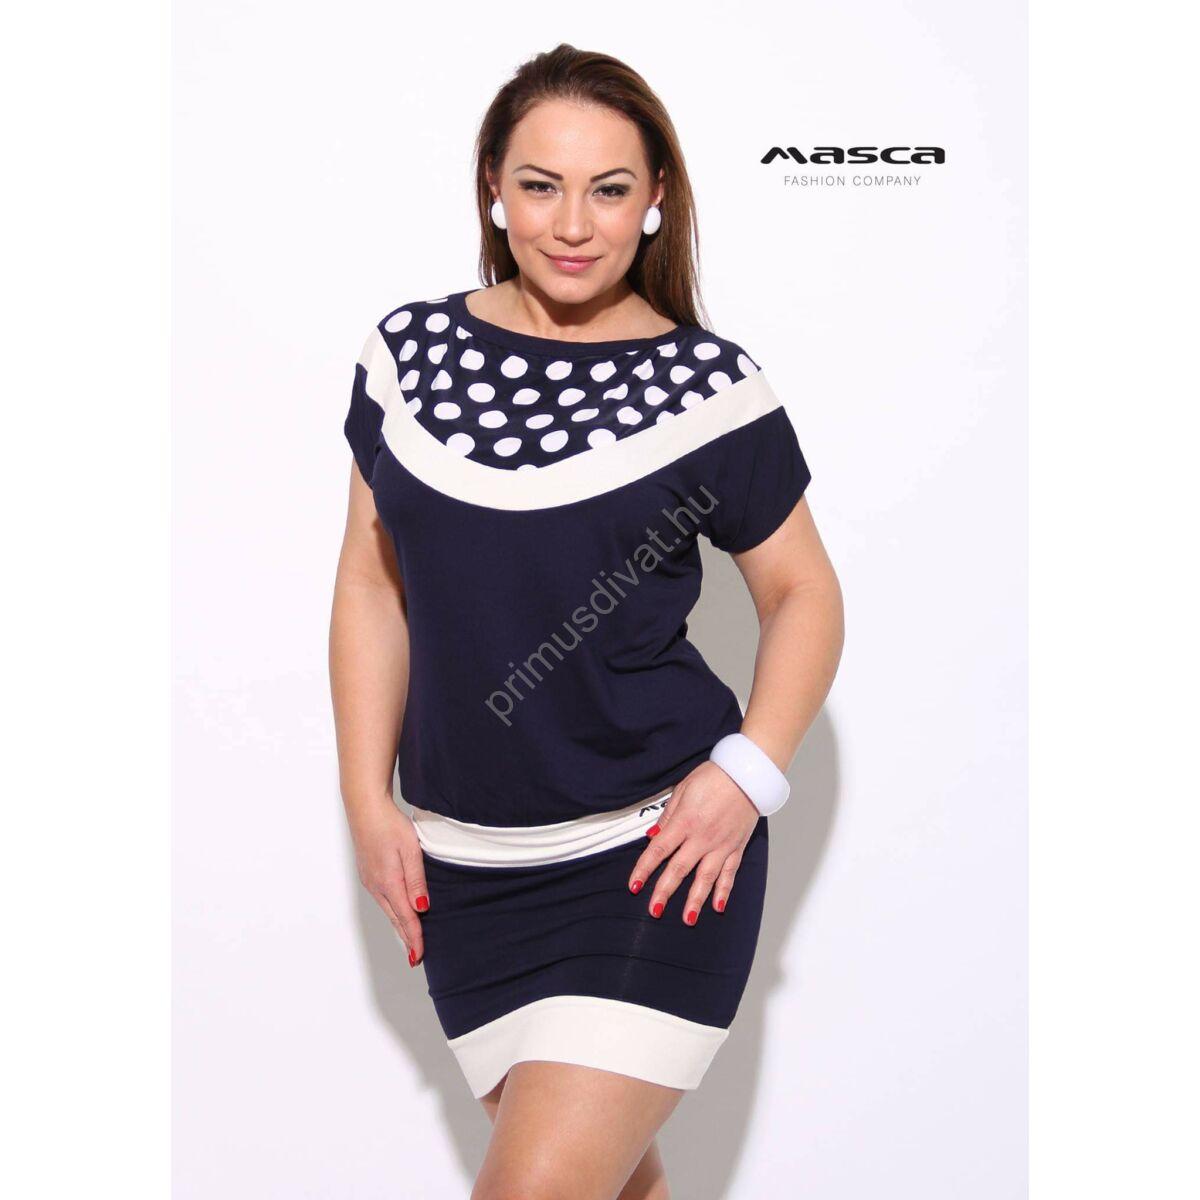 0e54669b3a Kép 1/1 - Masca Fashion fehér pöttyös betétes sötétkék csónaknyakú rövid  ujjú lezser tunika, miniruha